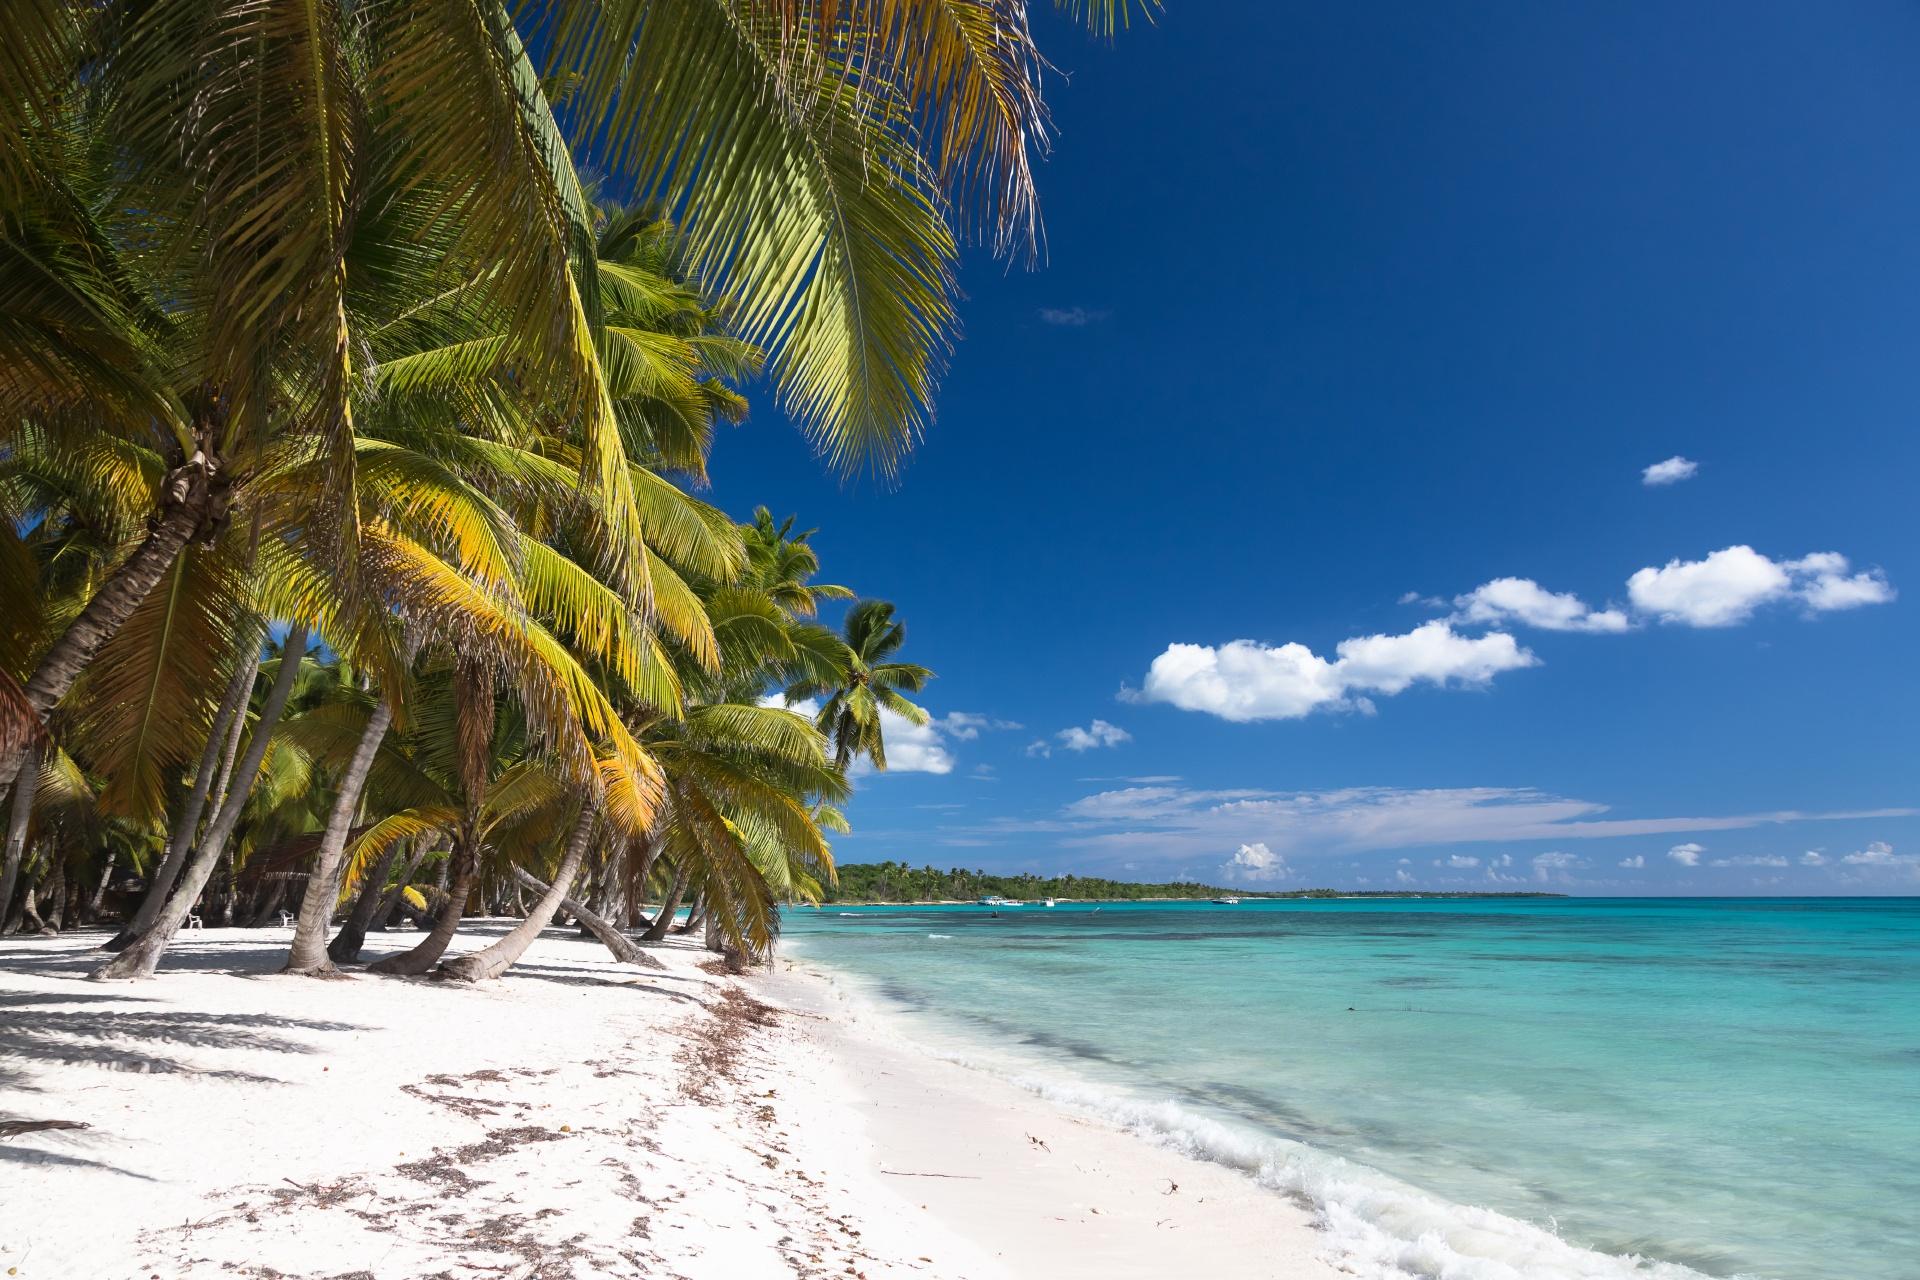 サオナ島の風景 ドミニカ共和国の風景